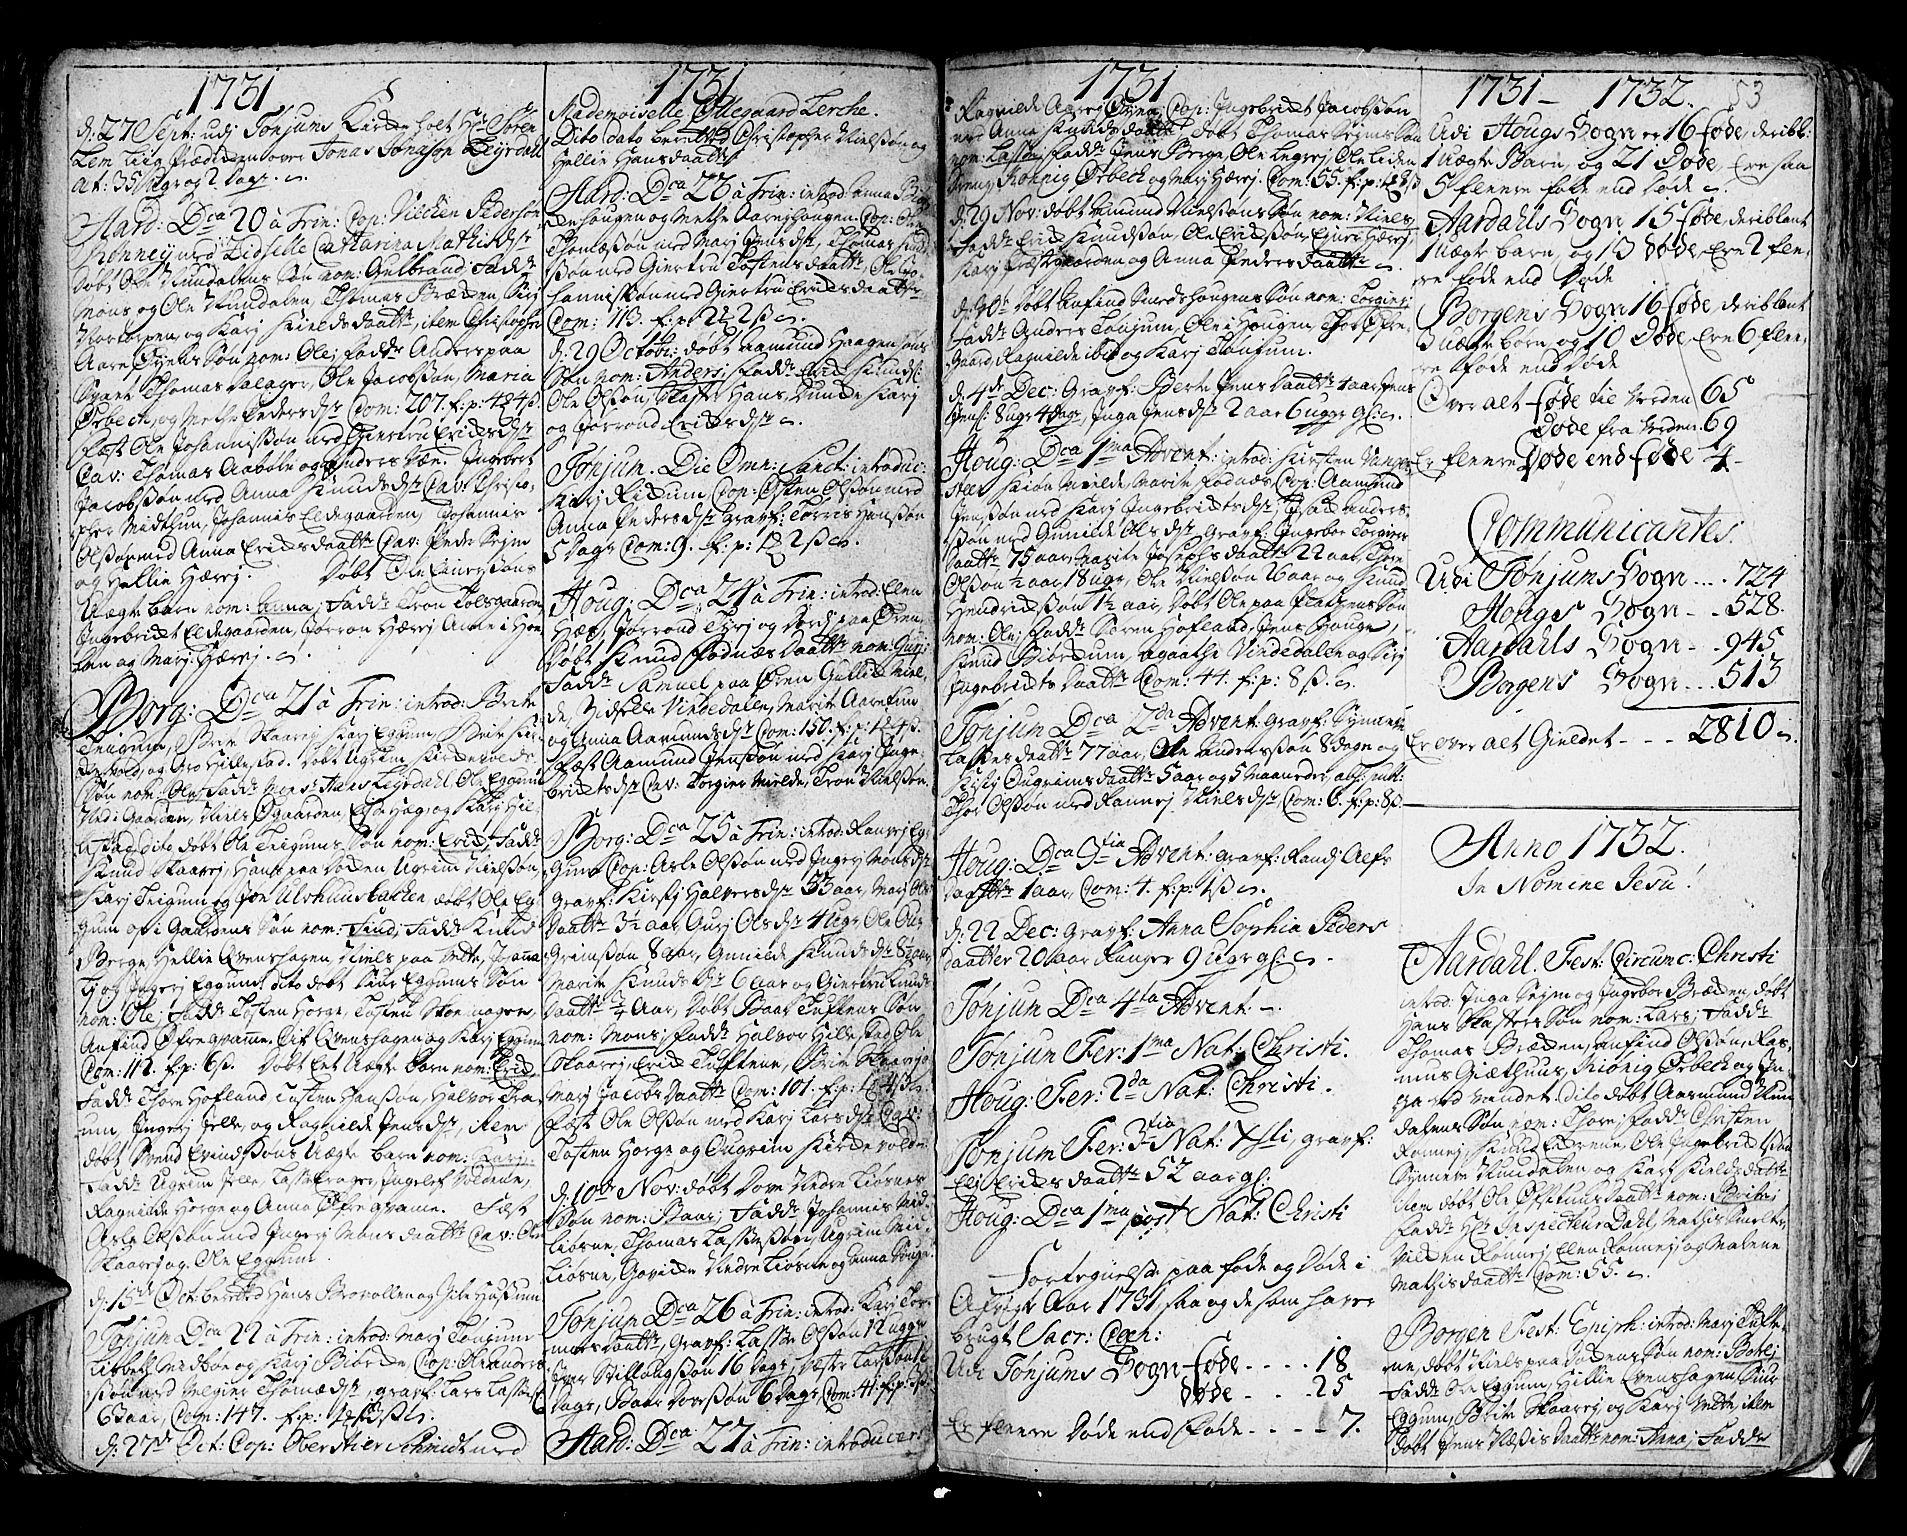 SAB, Lærdal sokneprestembete, Ministerialbok nr. A 1, 1711-1752, s. 53